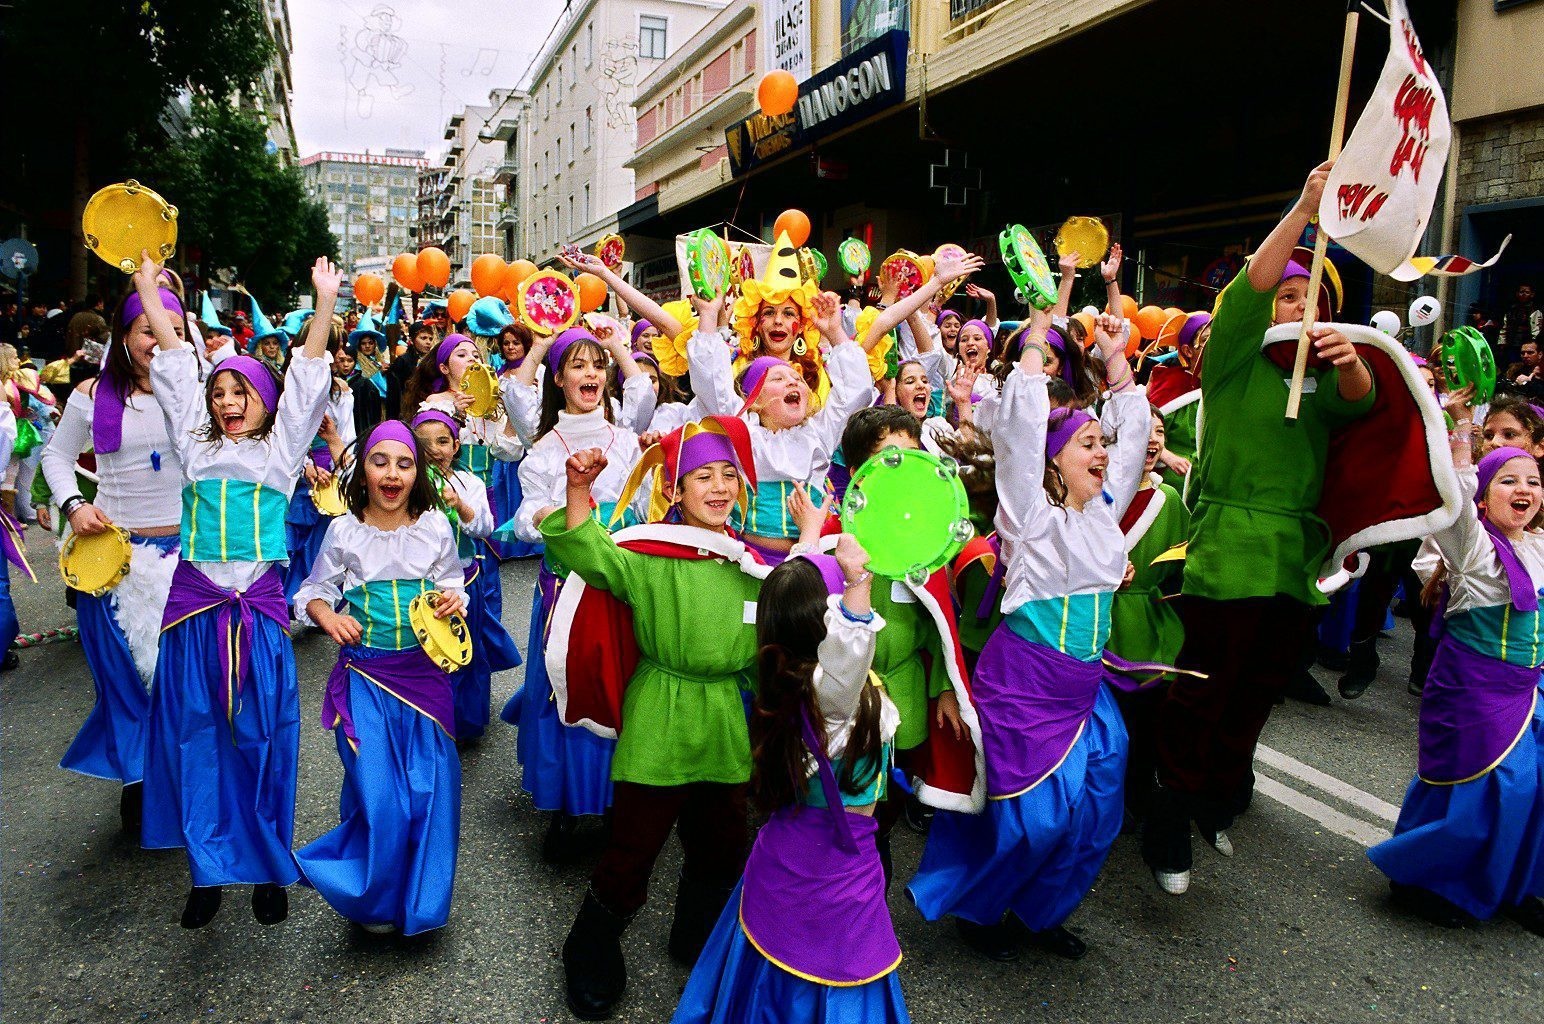 La parade de carnaval des enfants à Kralendijk